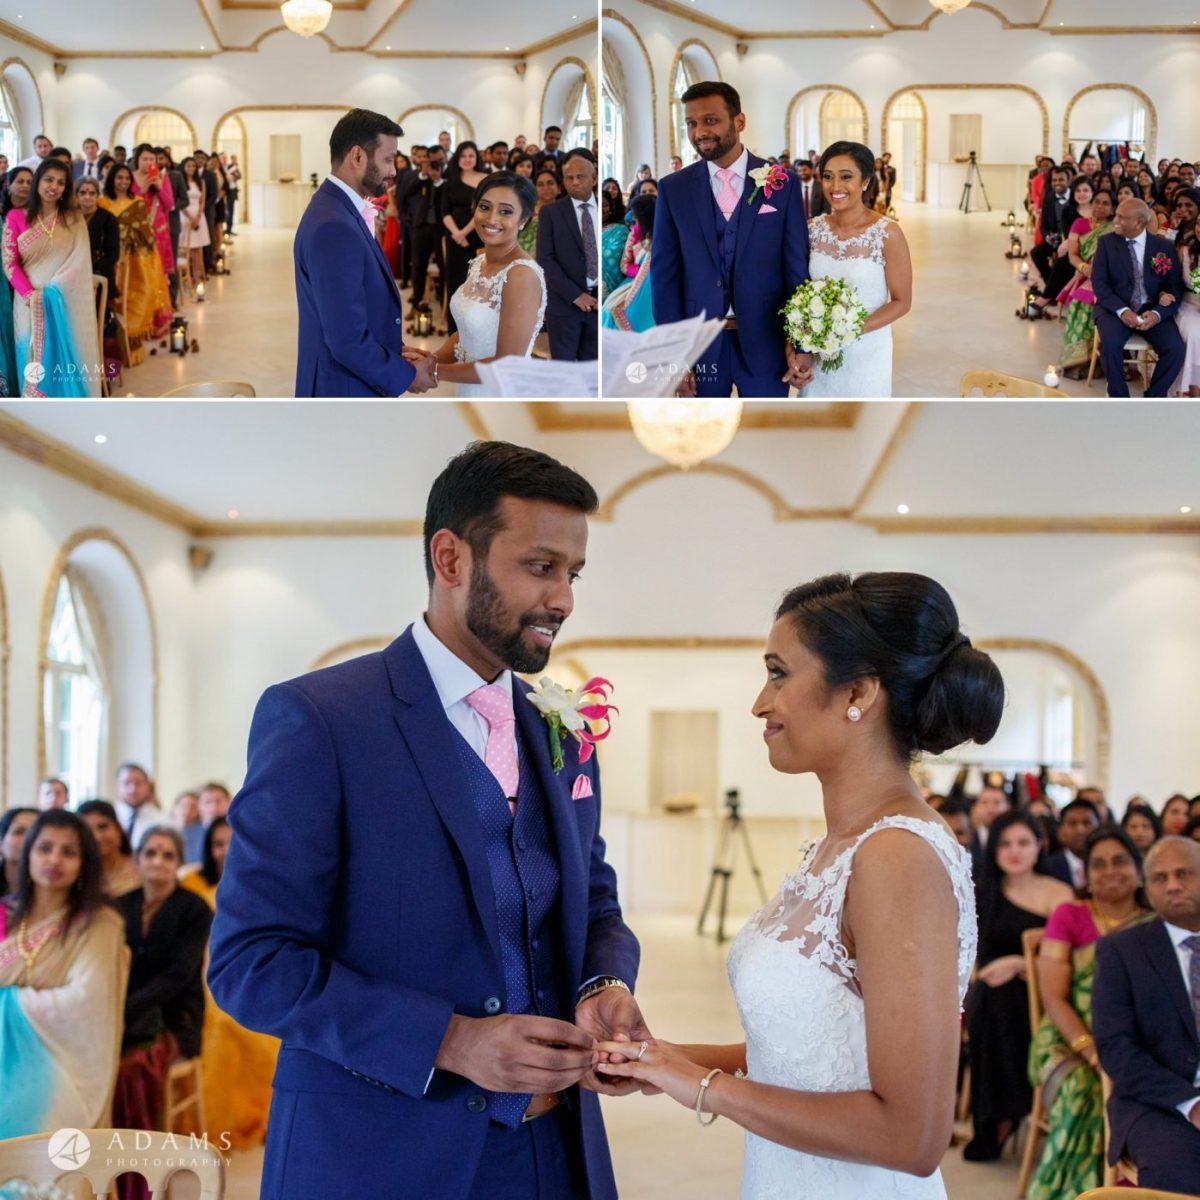 Northbrook Park Wedding Photography | Twa + Len 12